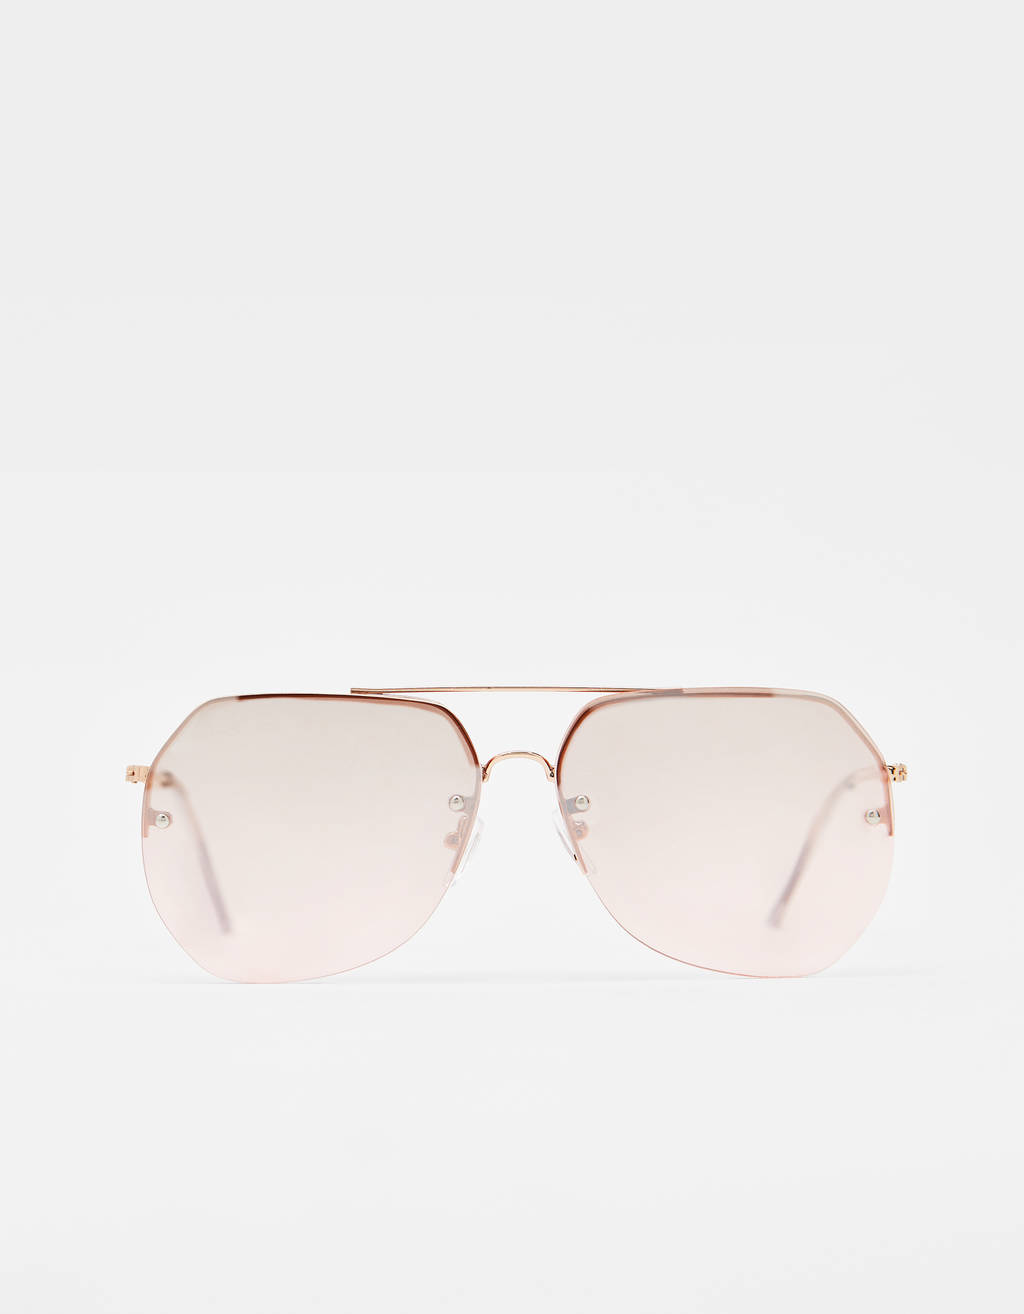 Γυαλιά ηλίου τύπου aviator